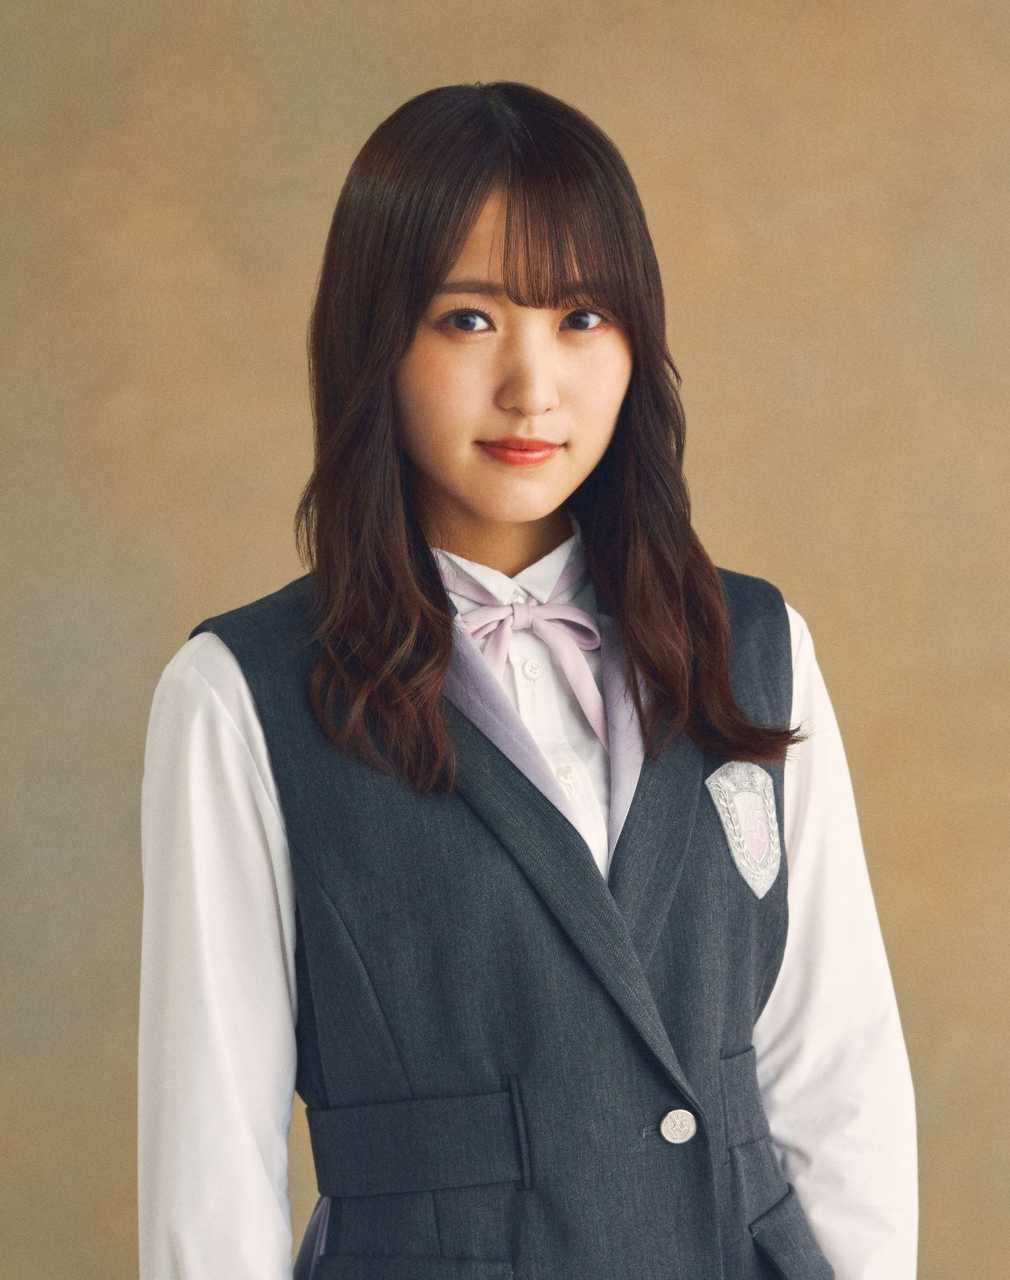 櫻坂46・菅井友香、「W-KEYAKI FES. 2021」を終え「緑のペンライトを見た時はこの気持ちをどう言っていいのかわからない感情になりました」